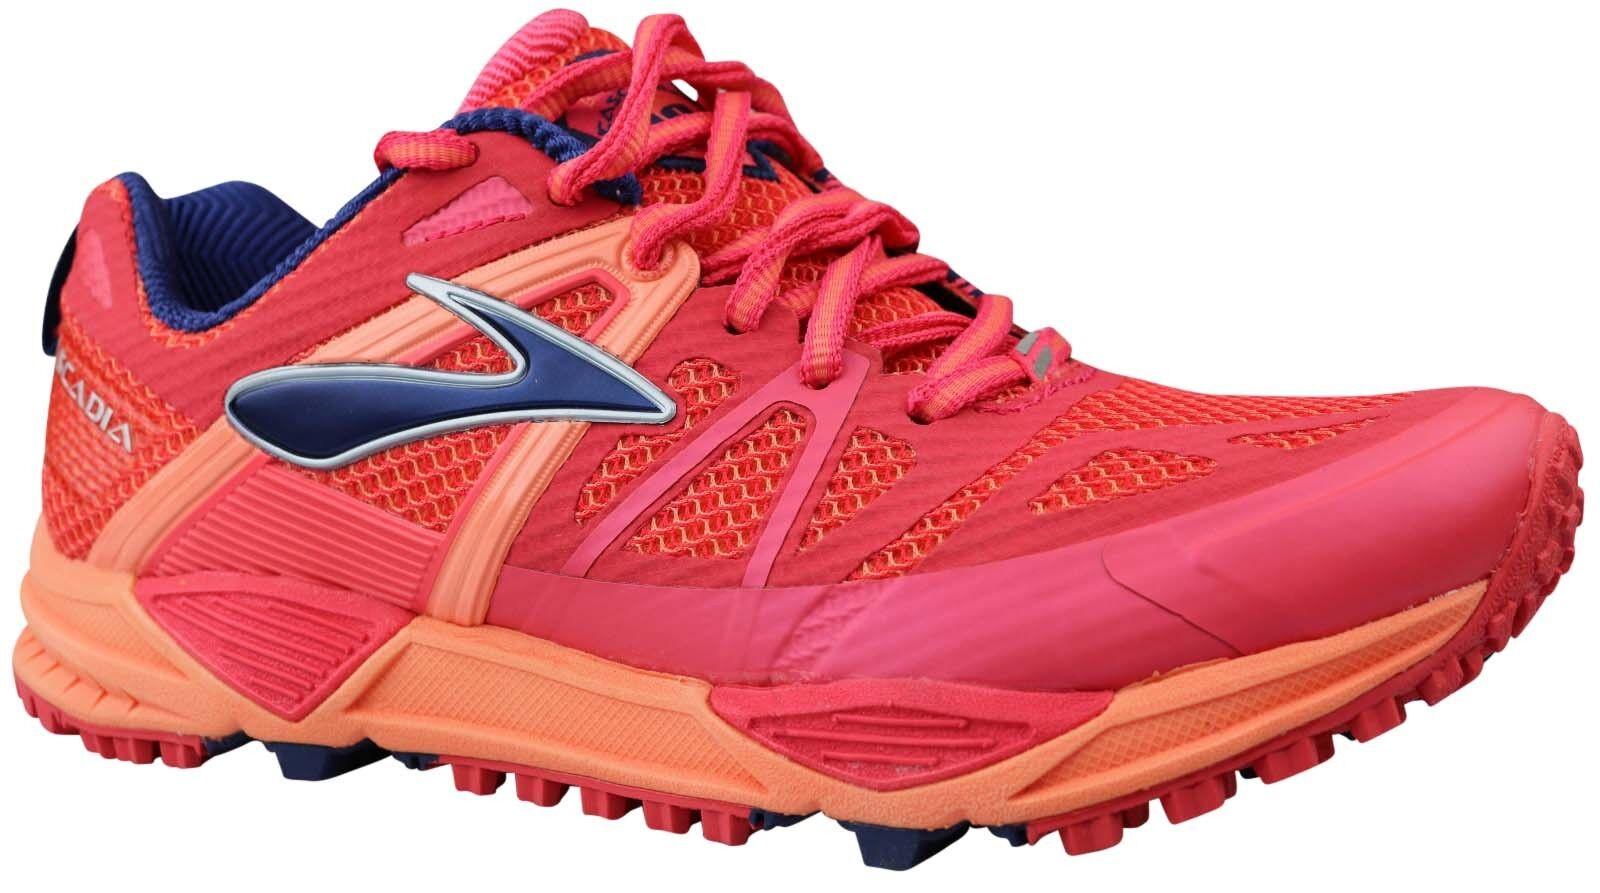 Brooks cascadia 10 señora mujer trailzapatos zapatillas rojo & 36,5 nuevo & OVP